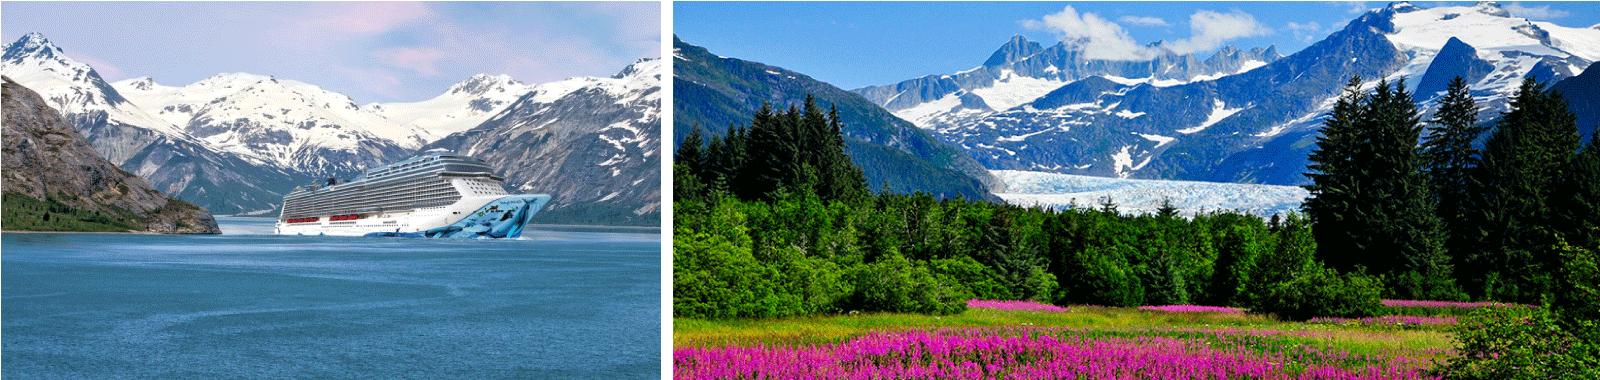 NCL-Bliss-Alaska_Featured